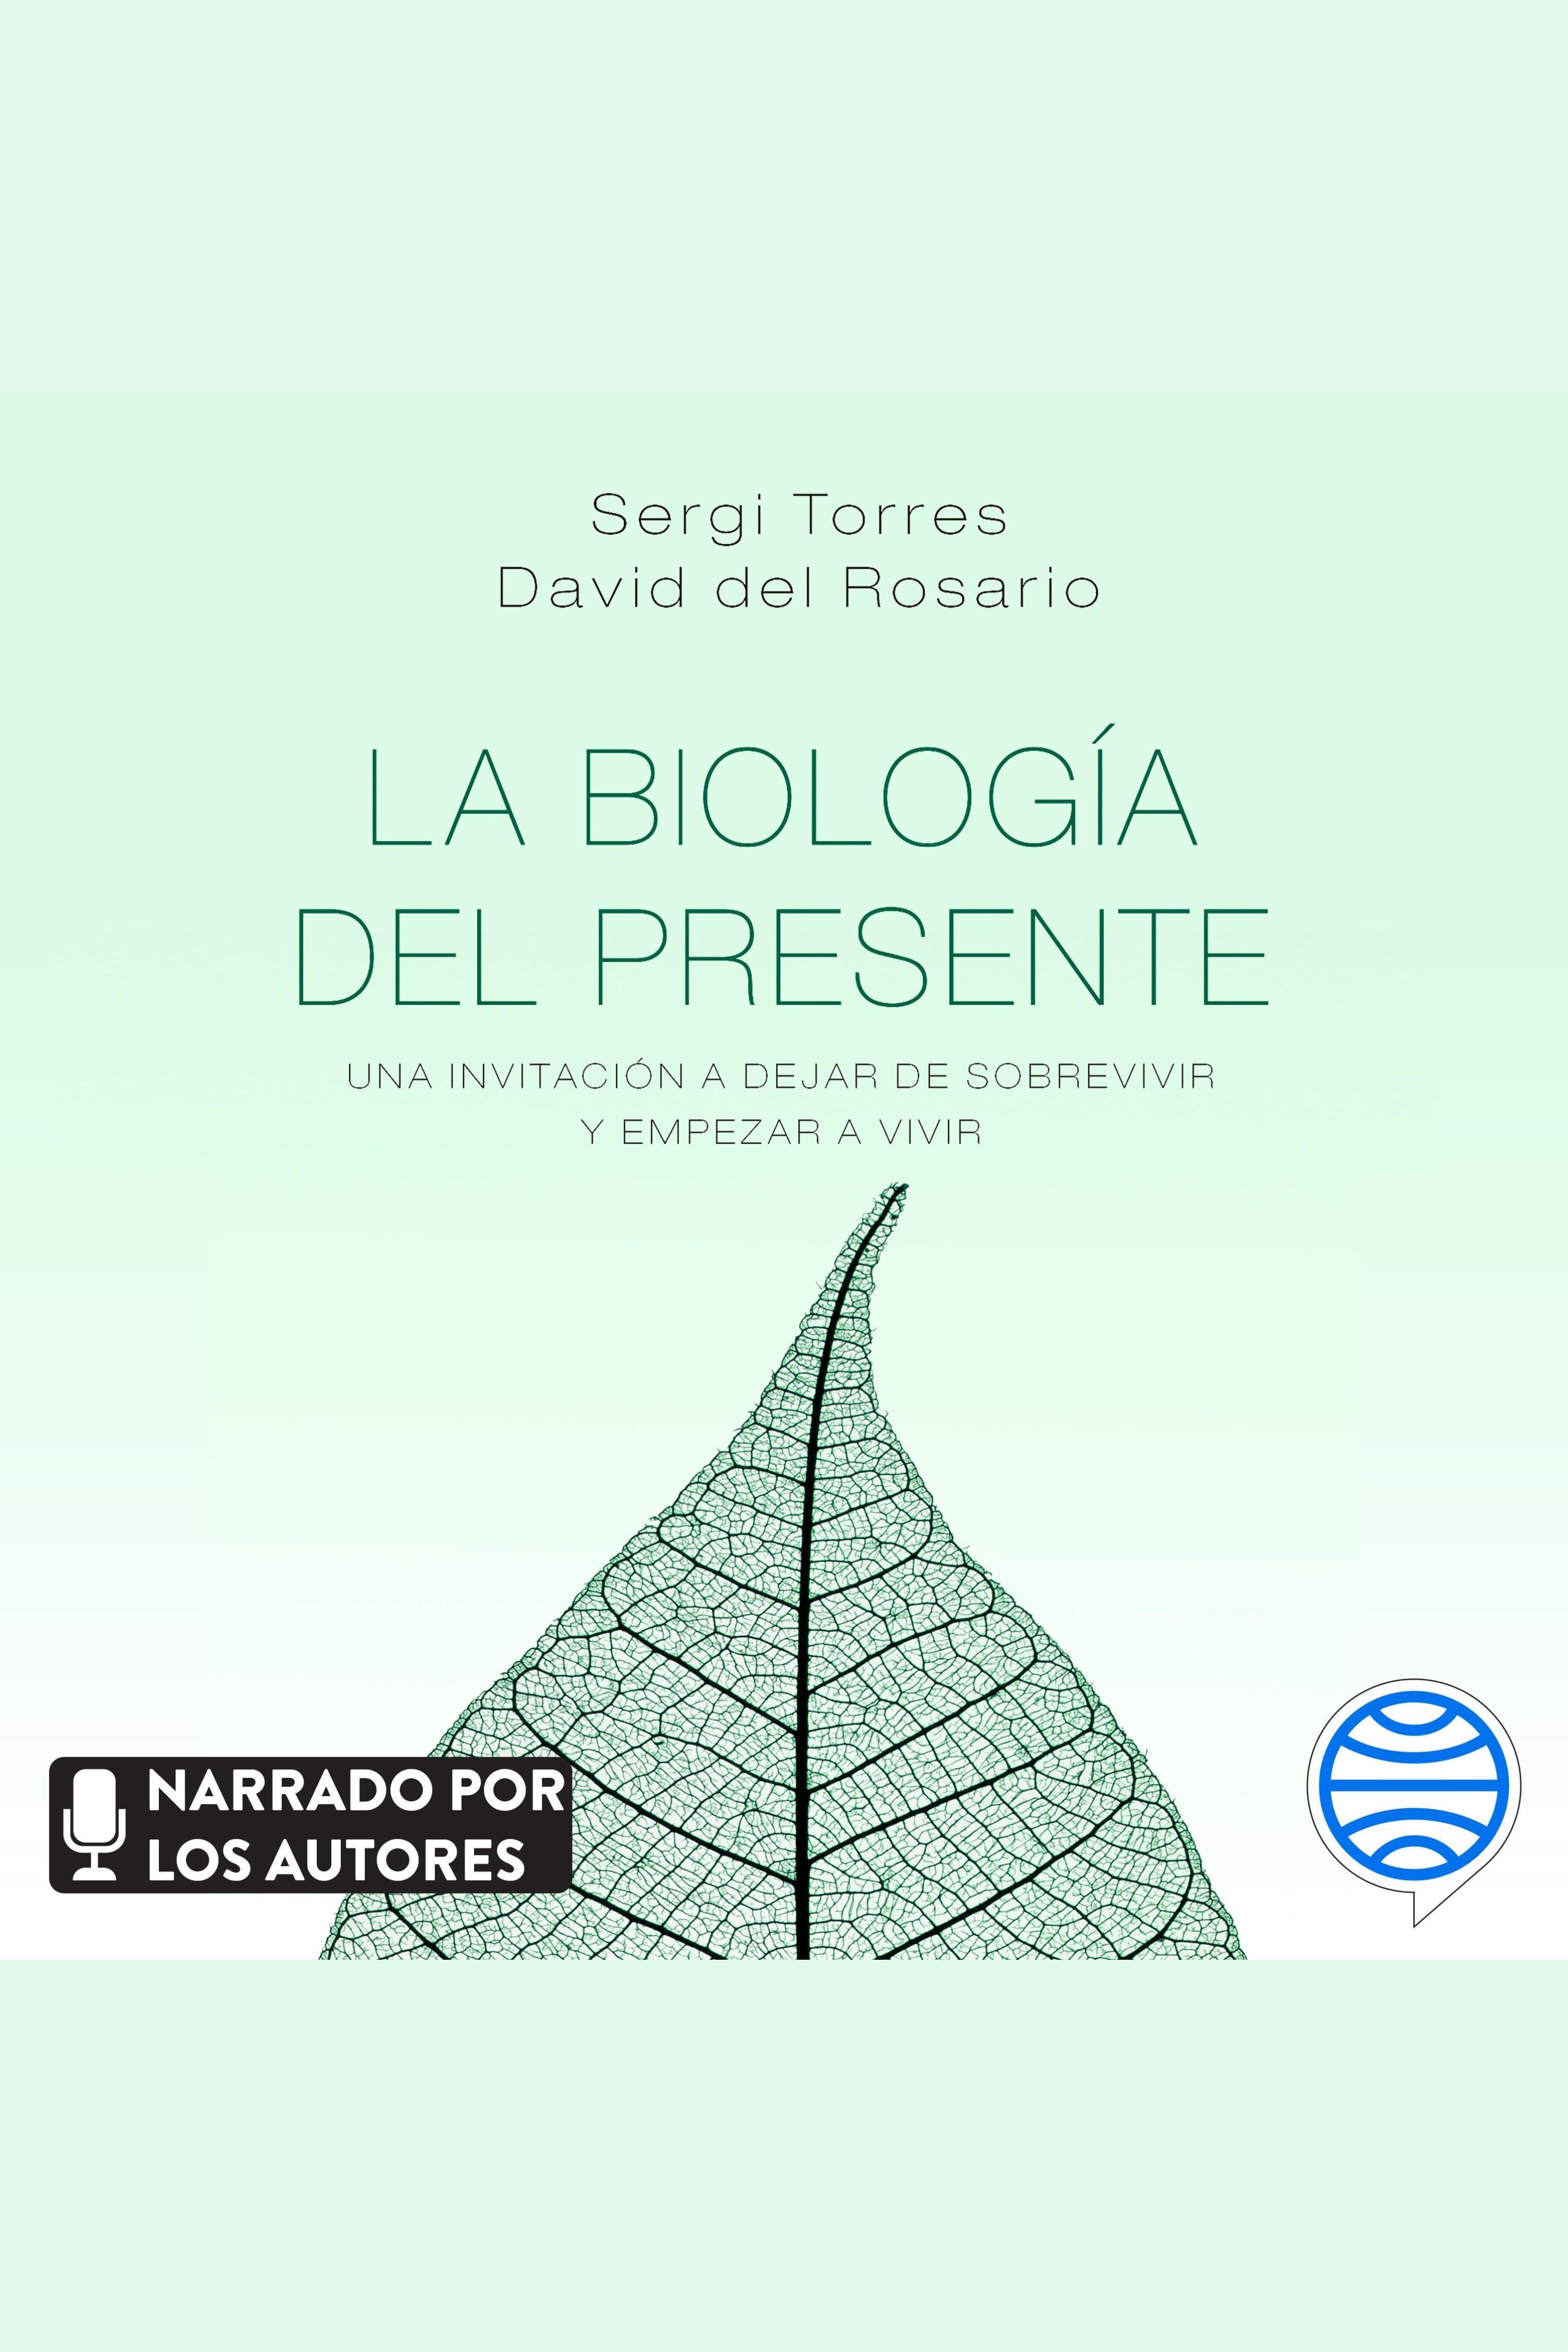 Esta es la portada del audiolibro La biología del presente